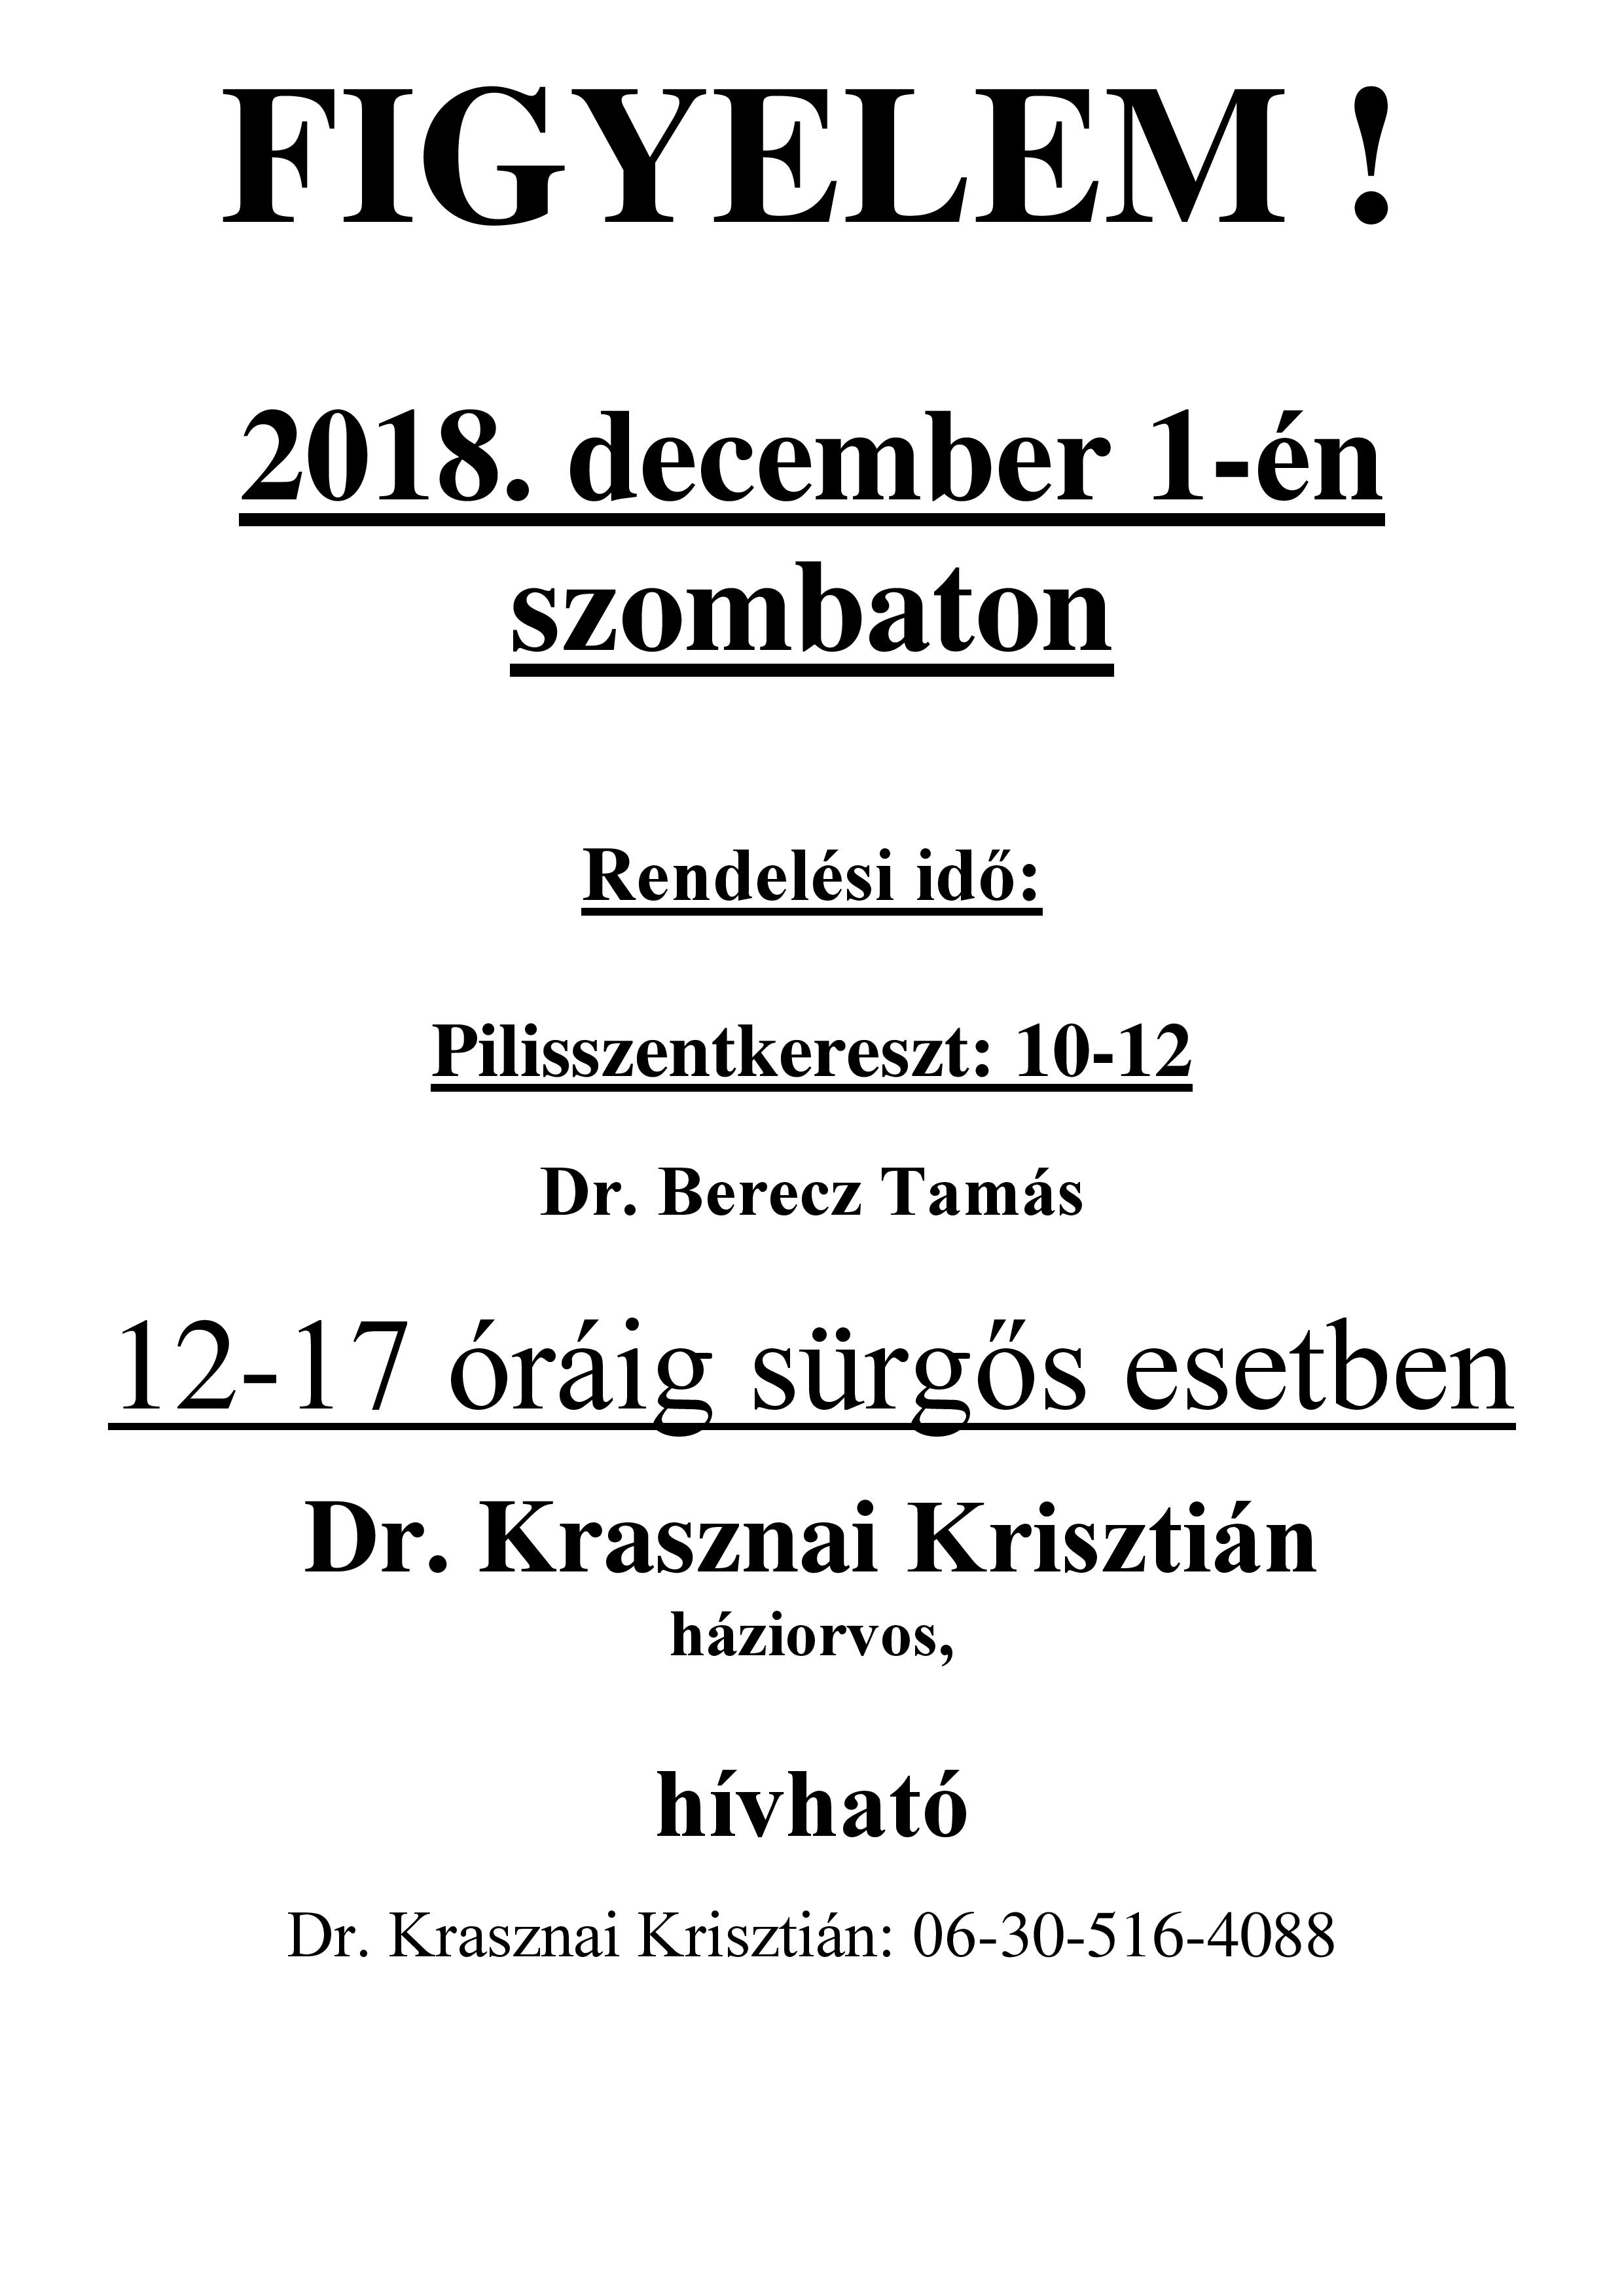 rendelés 2018.12.01.